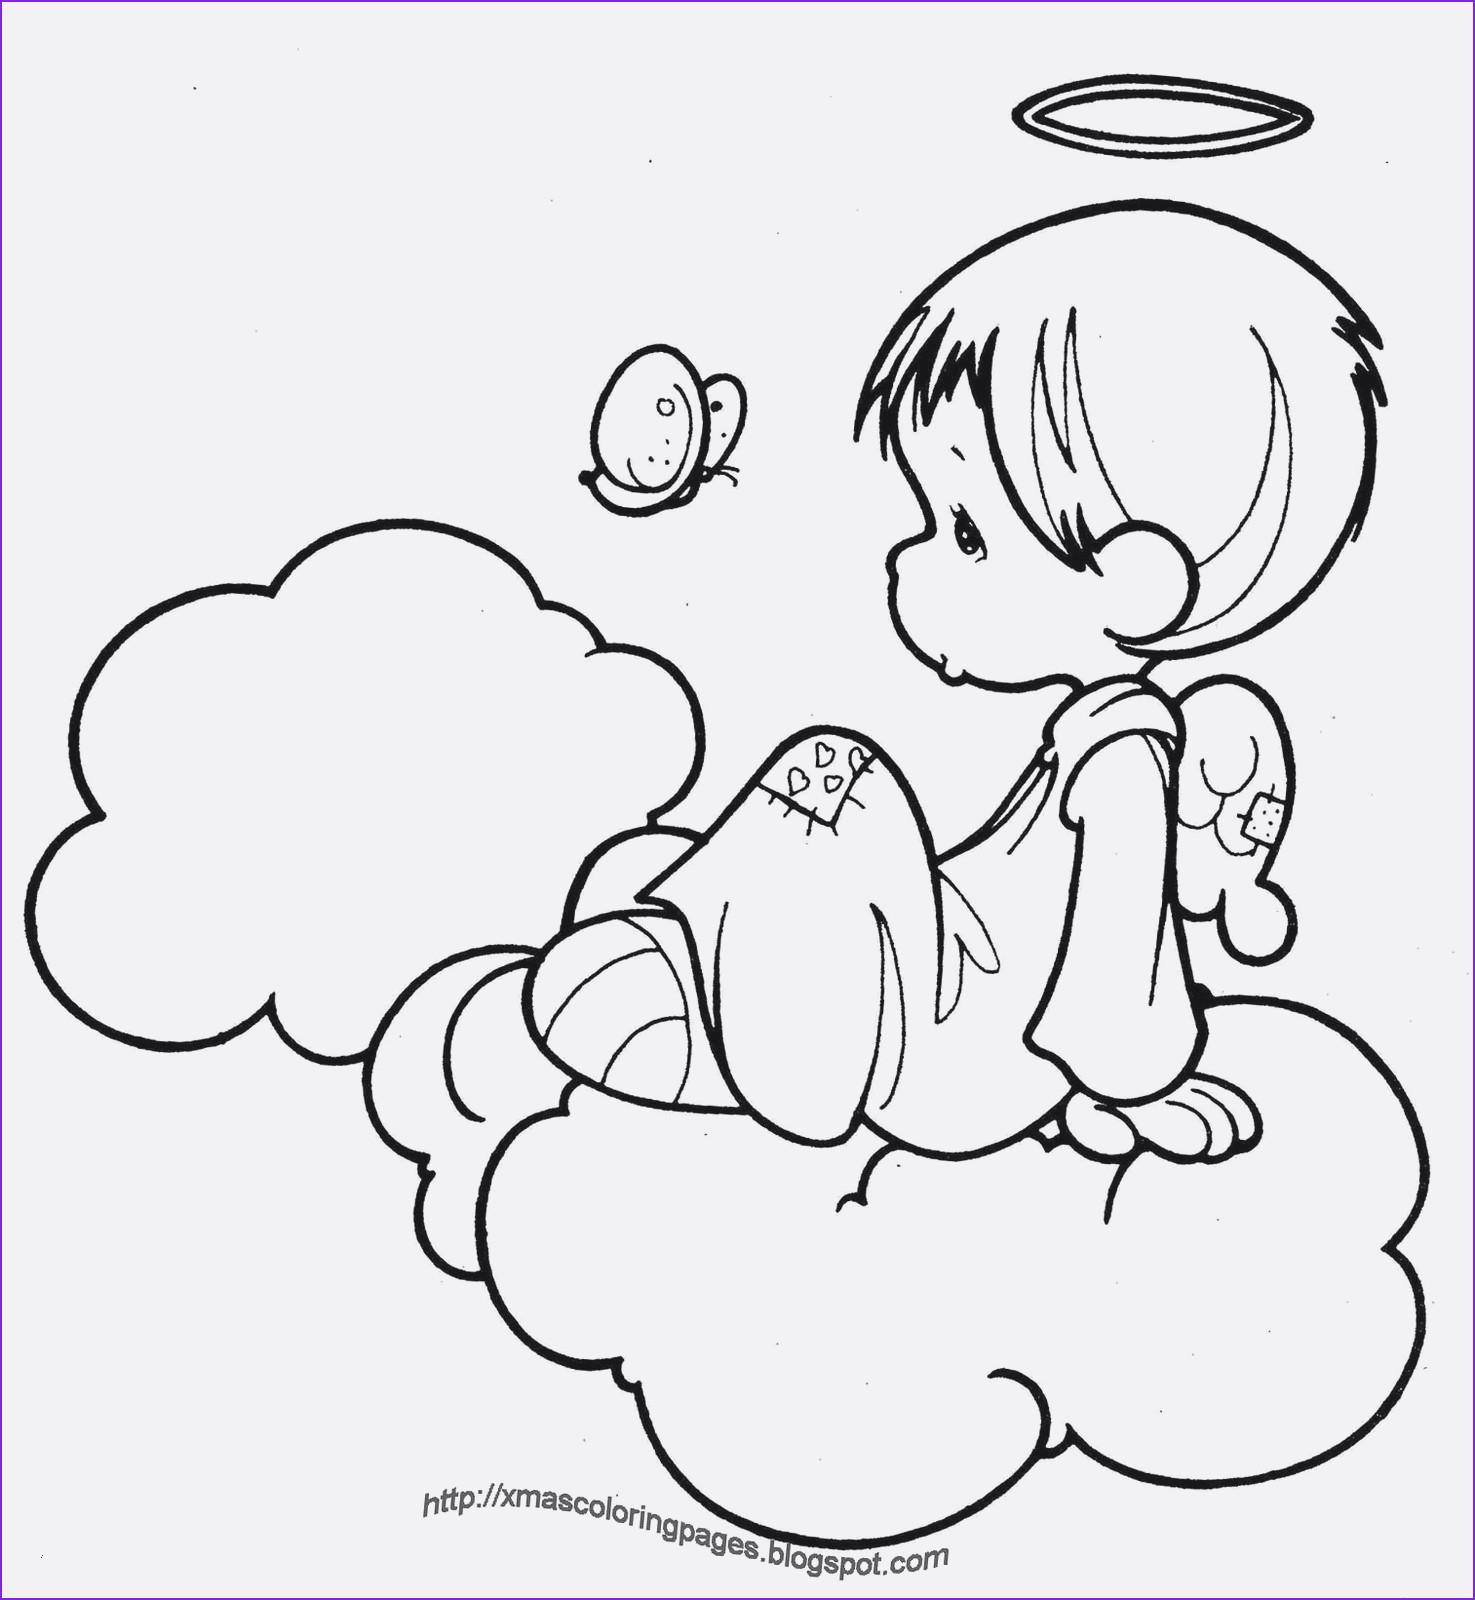 Micky Maus Baby Ausmalbilder Genial Ausmalbilder Von Violetta Uploadertalk Neu Minnie Maus Baby Stock